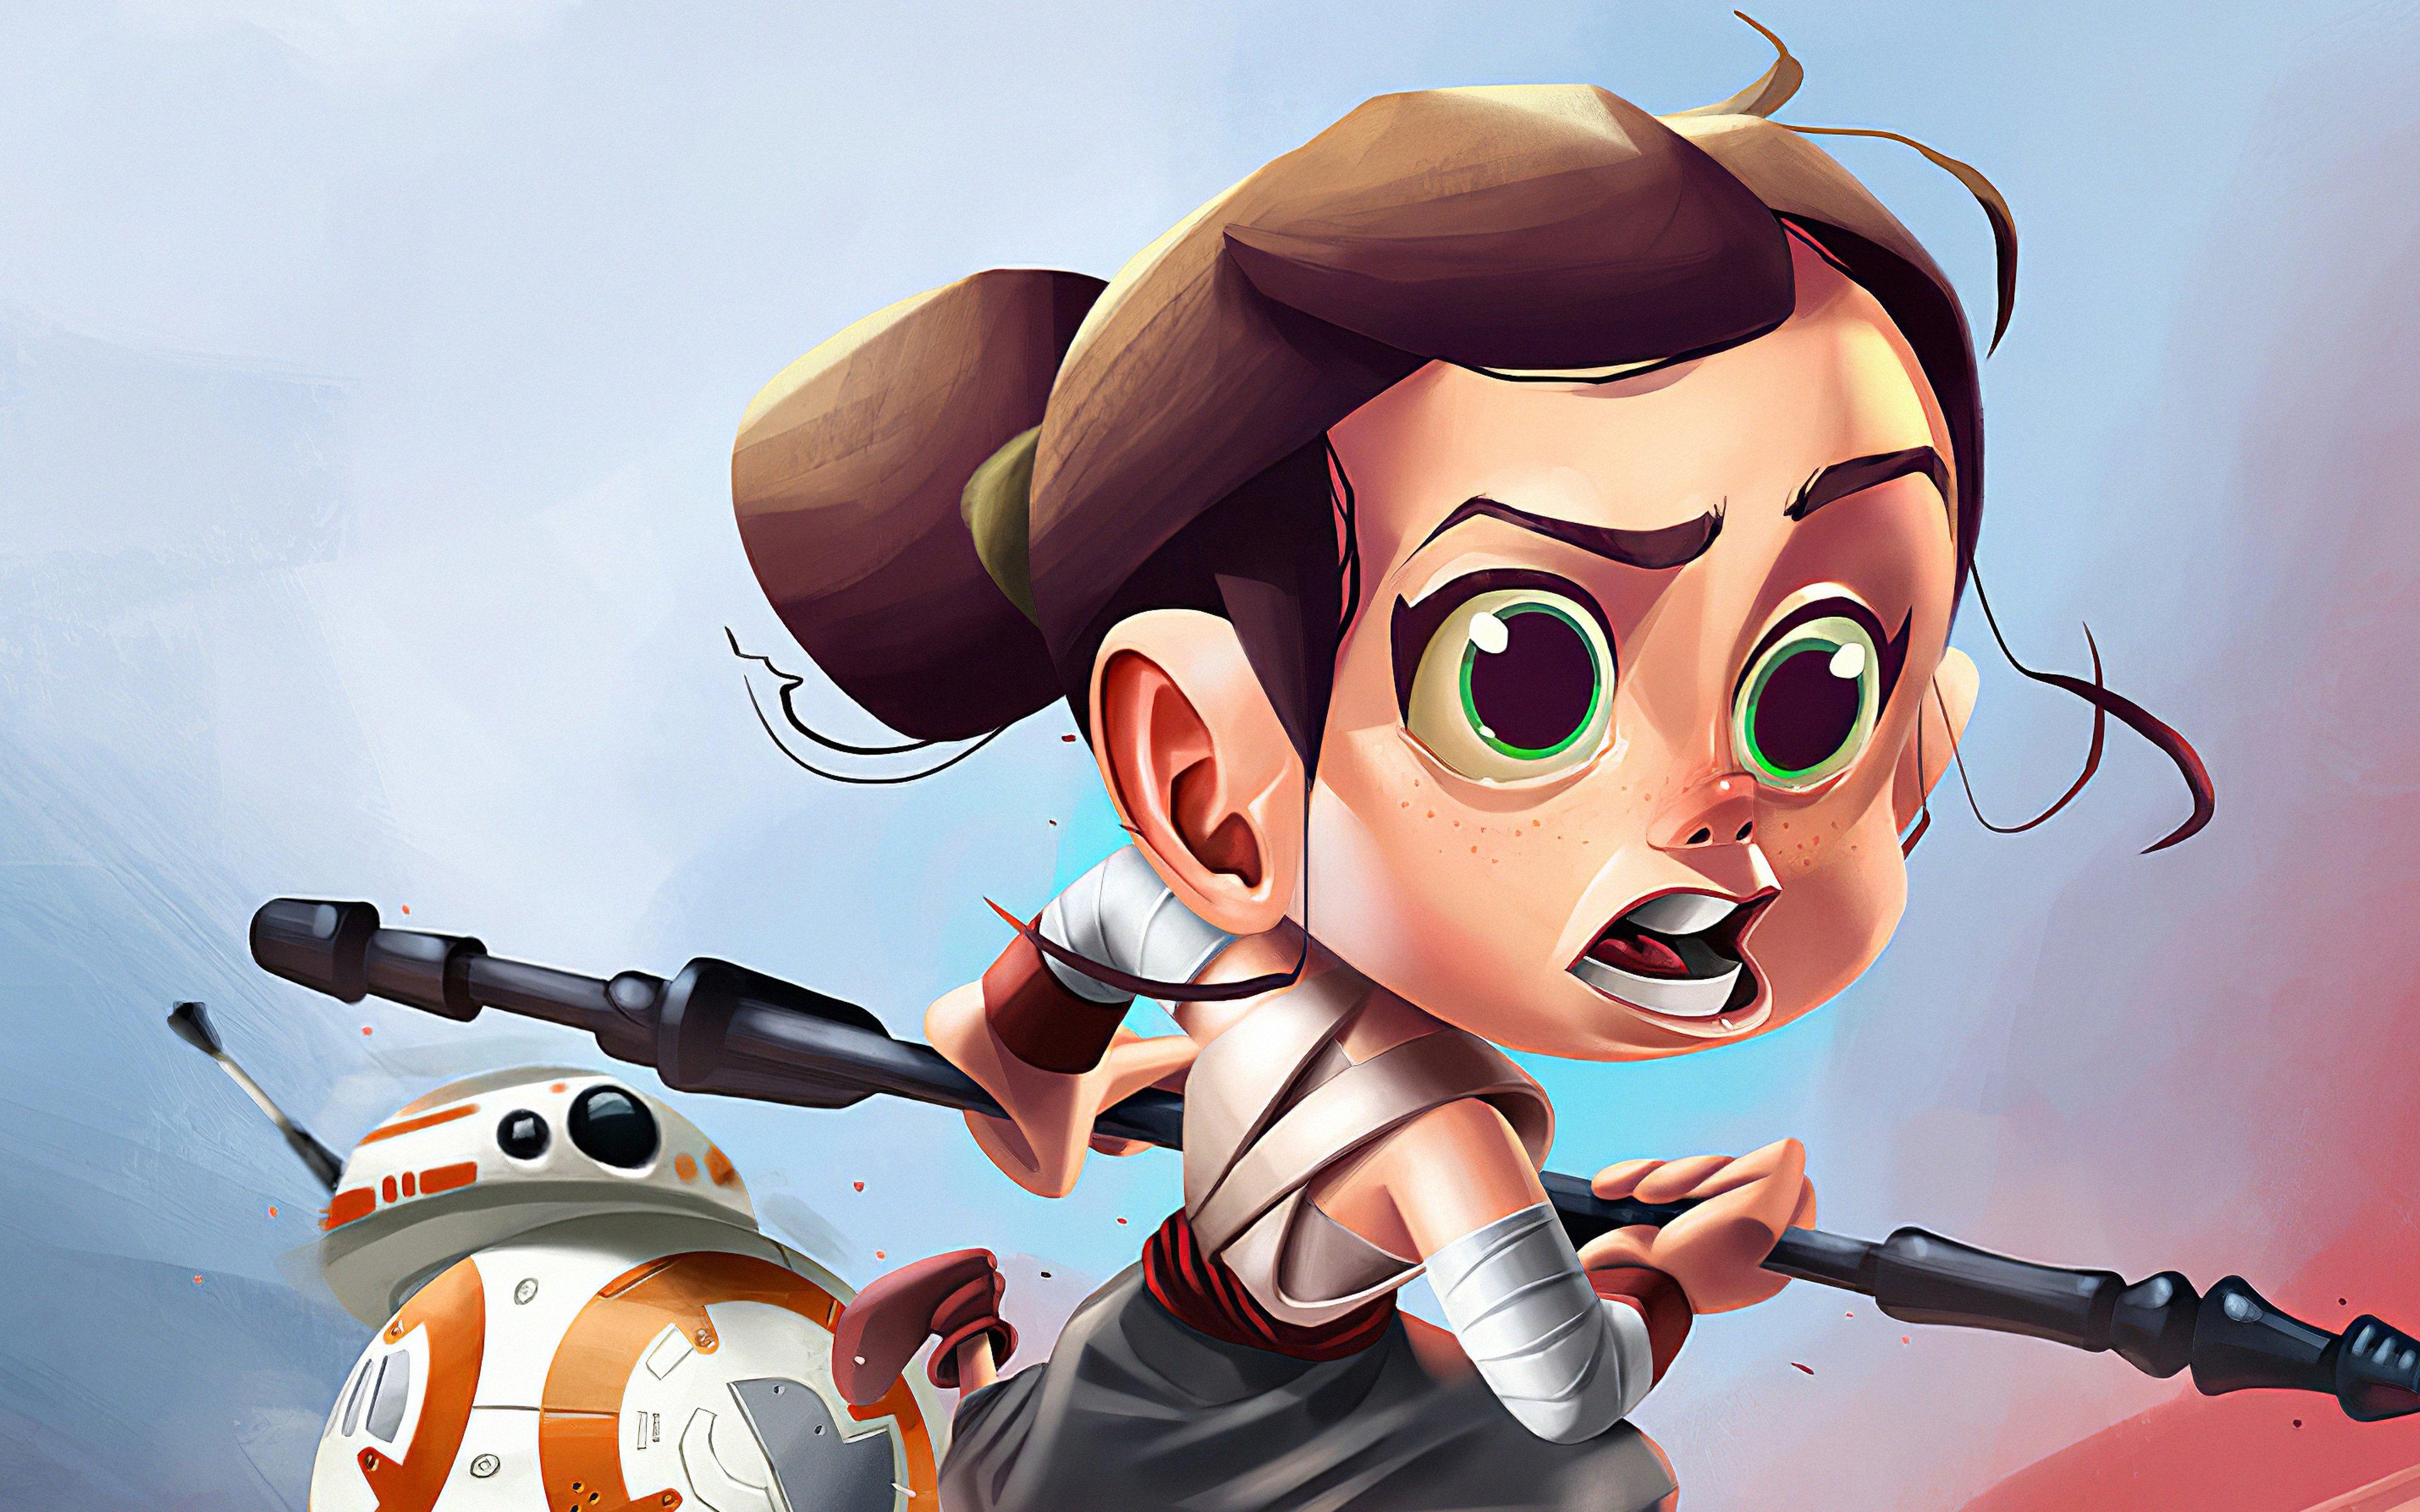 Fondos de pantalla Rey de Star wars en caricatura